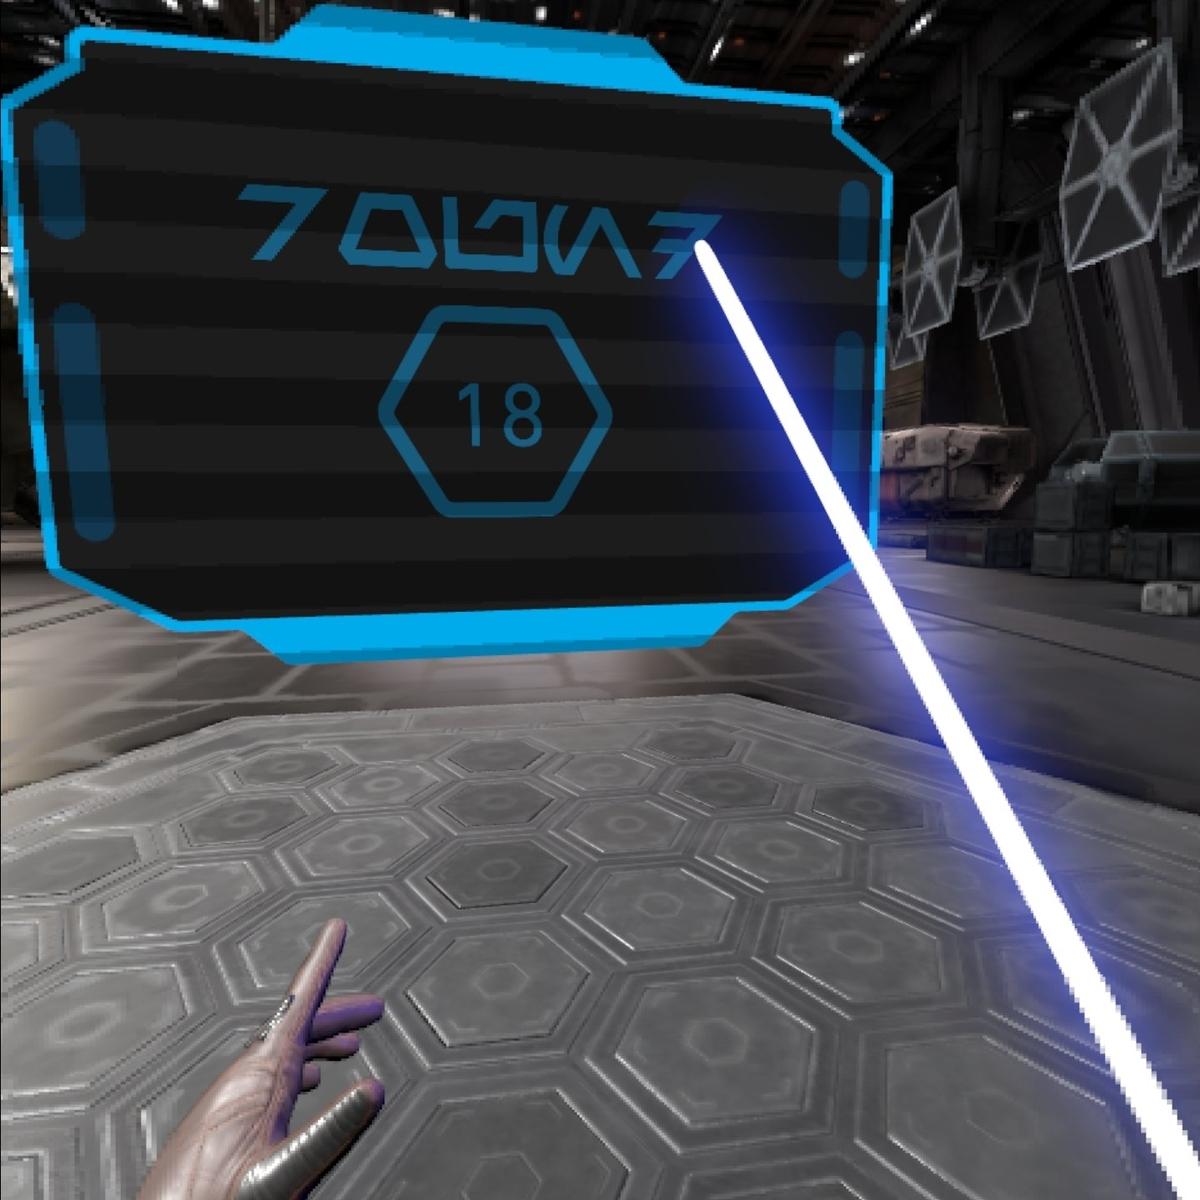 僕が普段Oculus Questでやっていること